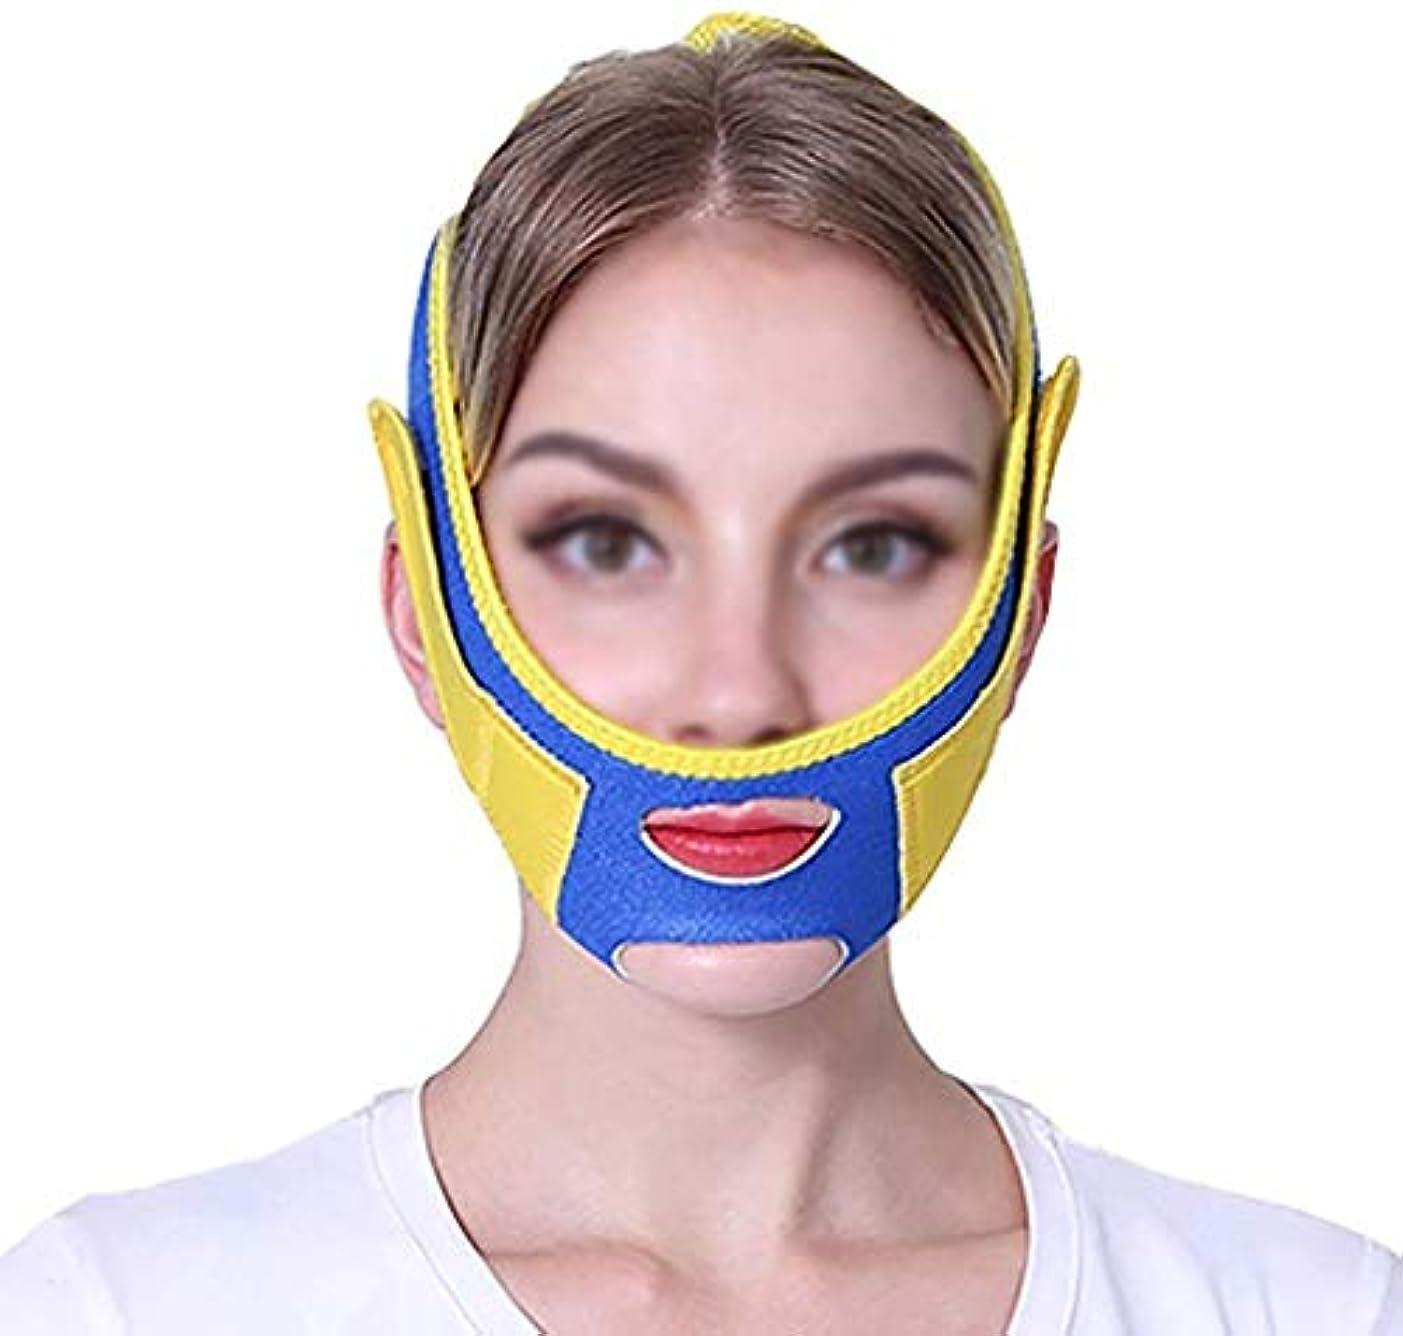 昨日モッキンバードテザー美容と実用的なファーミングフェイスマスク、スモールVフェイスアーティファクトリフティングマスクフェイスリフティングフェイスメロンフェイスリフティングフェイスファーミングクリームフェイスリフティングバンデージ